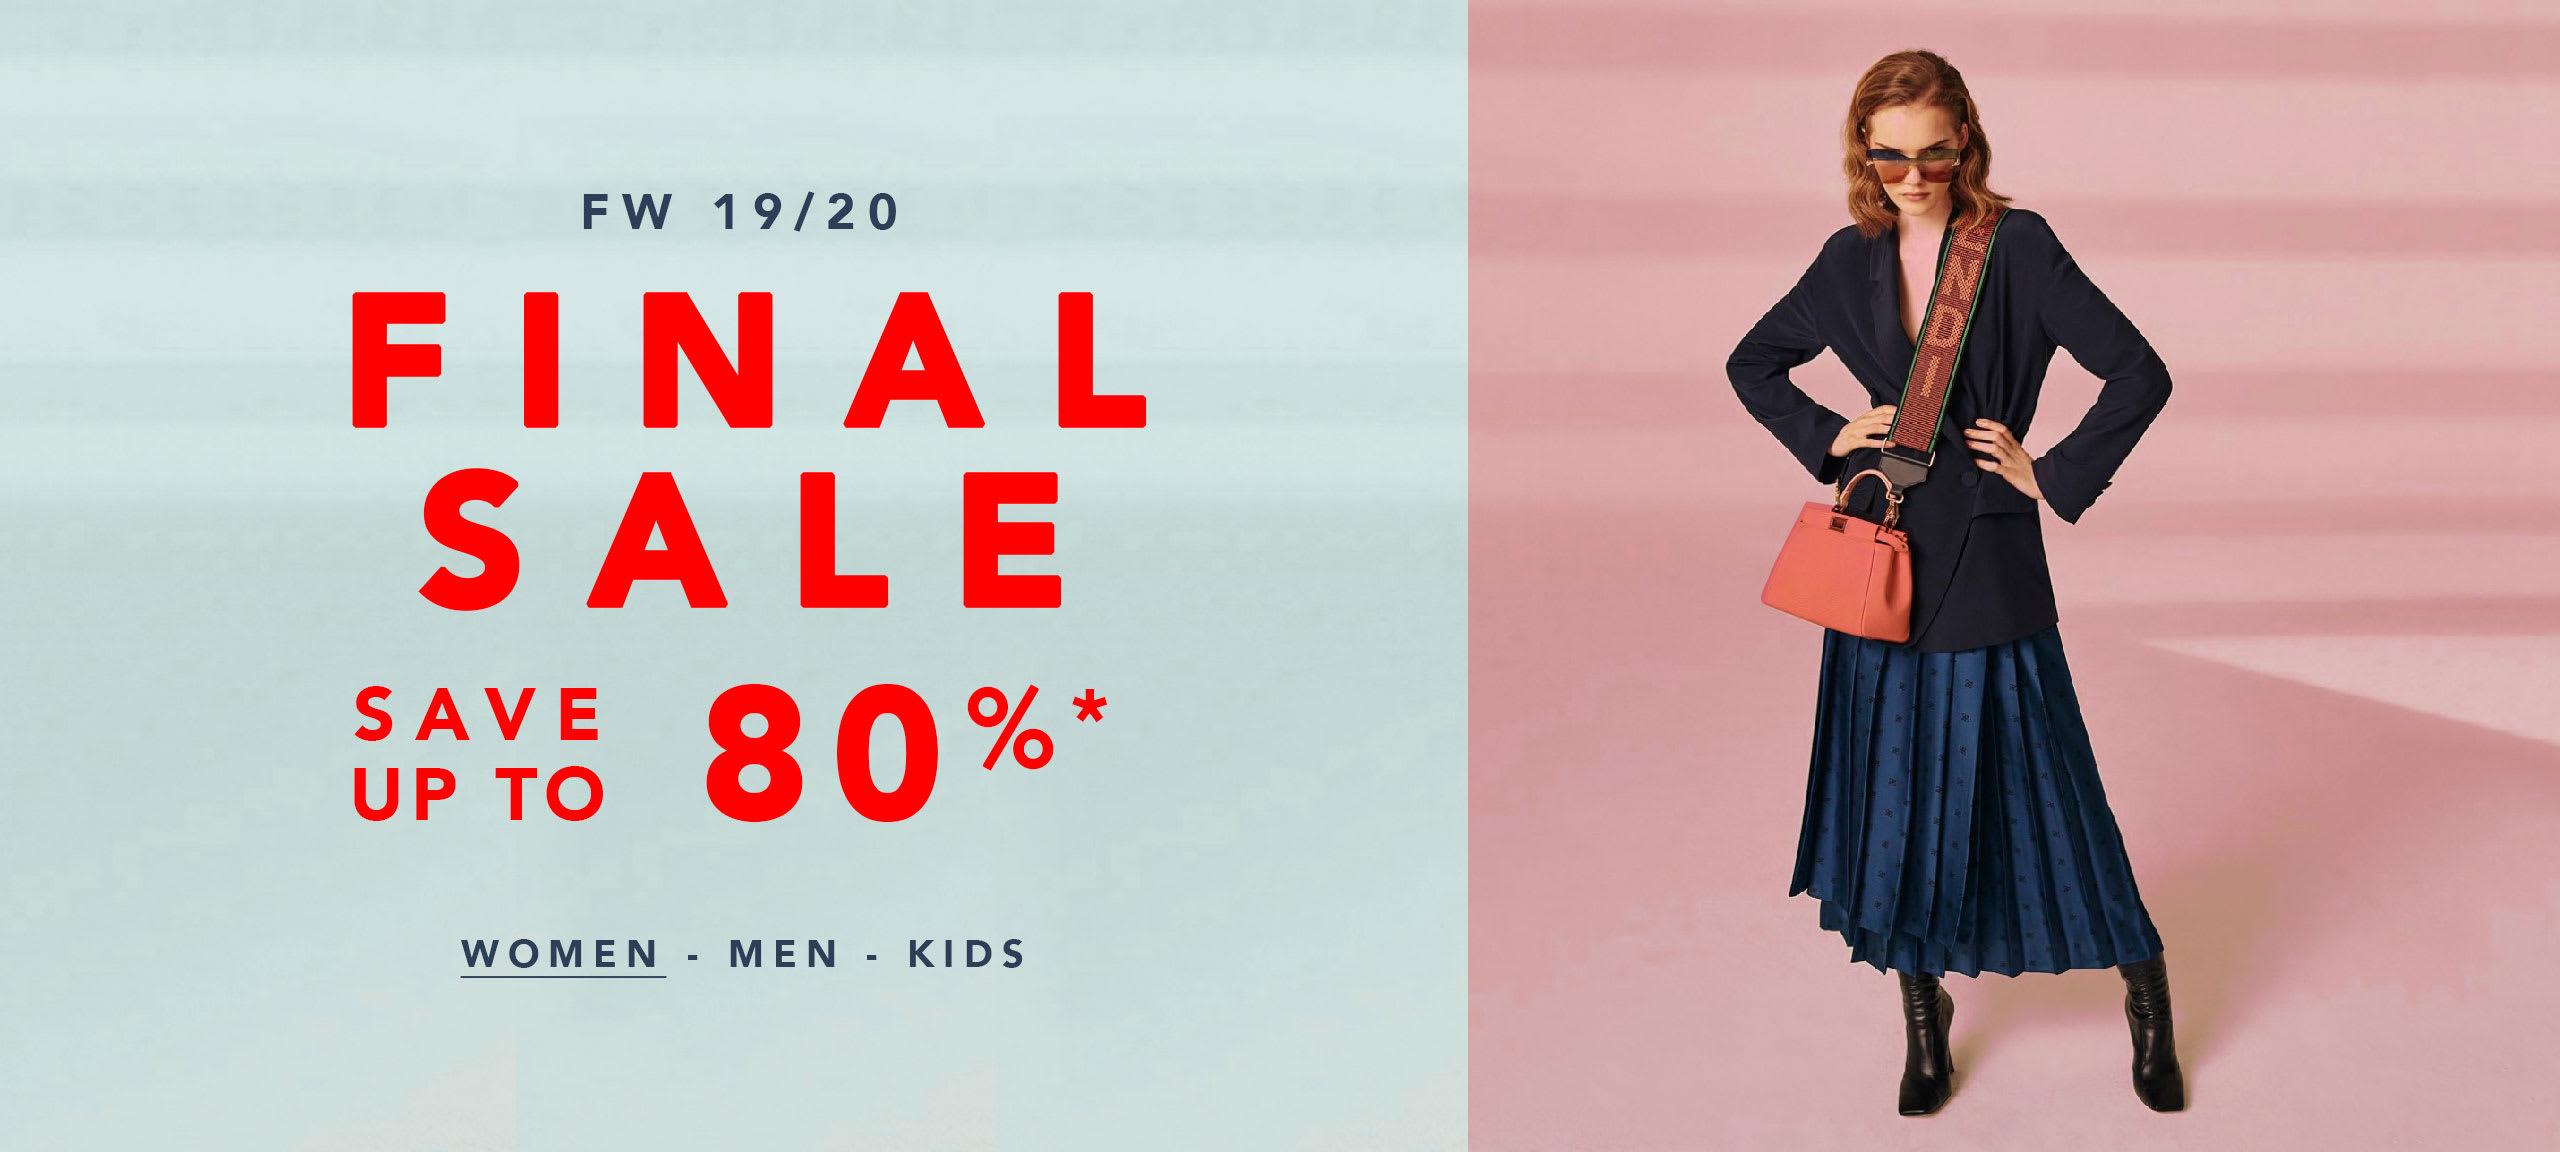 Women Fall Winter 19/20 Sale by italist